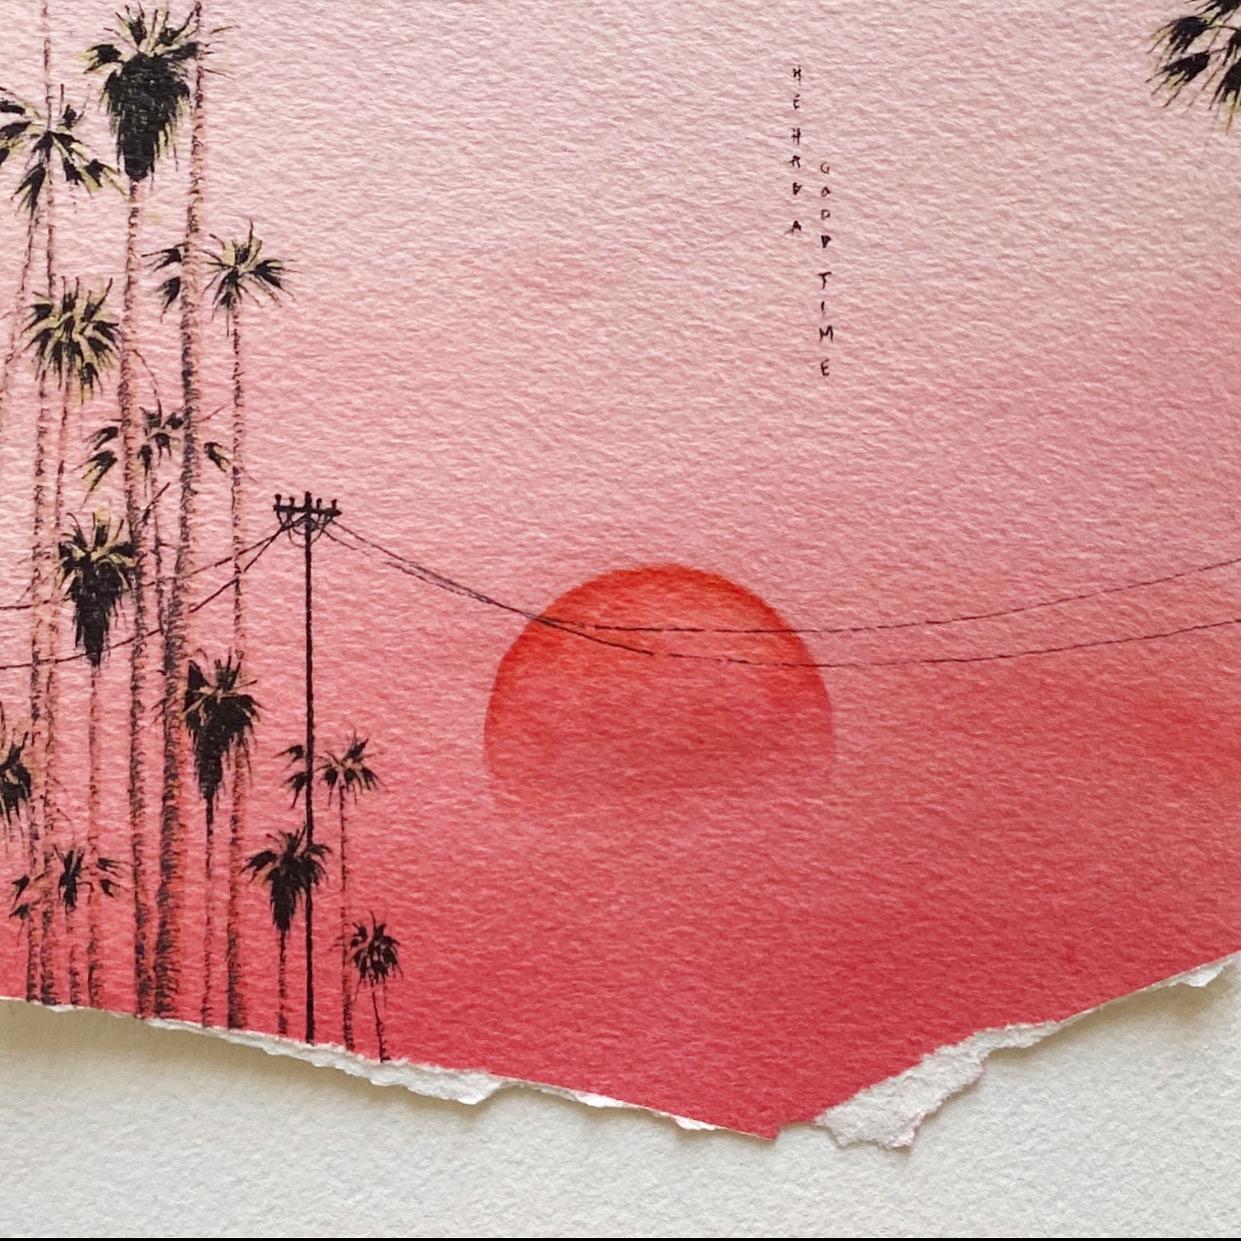 ciel rouge coucher de soleil palmiers